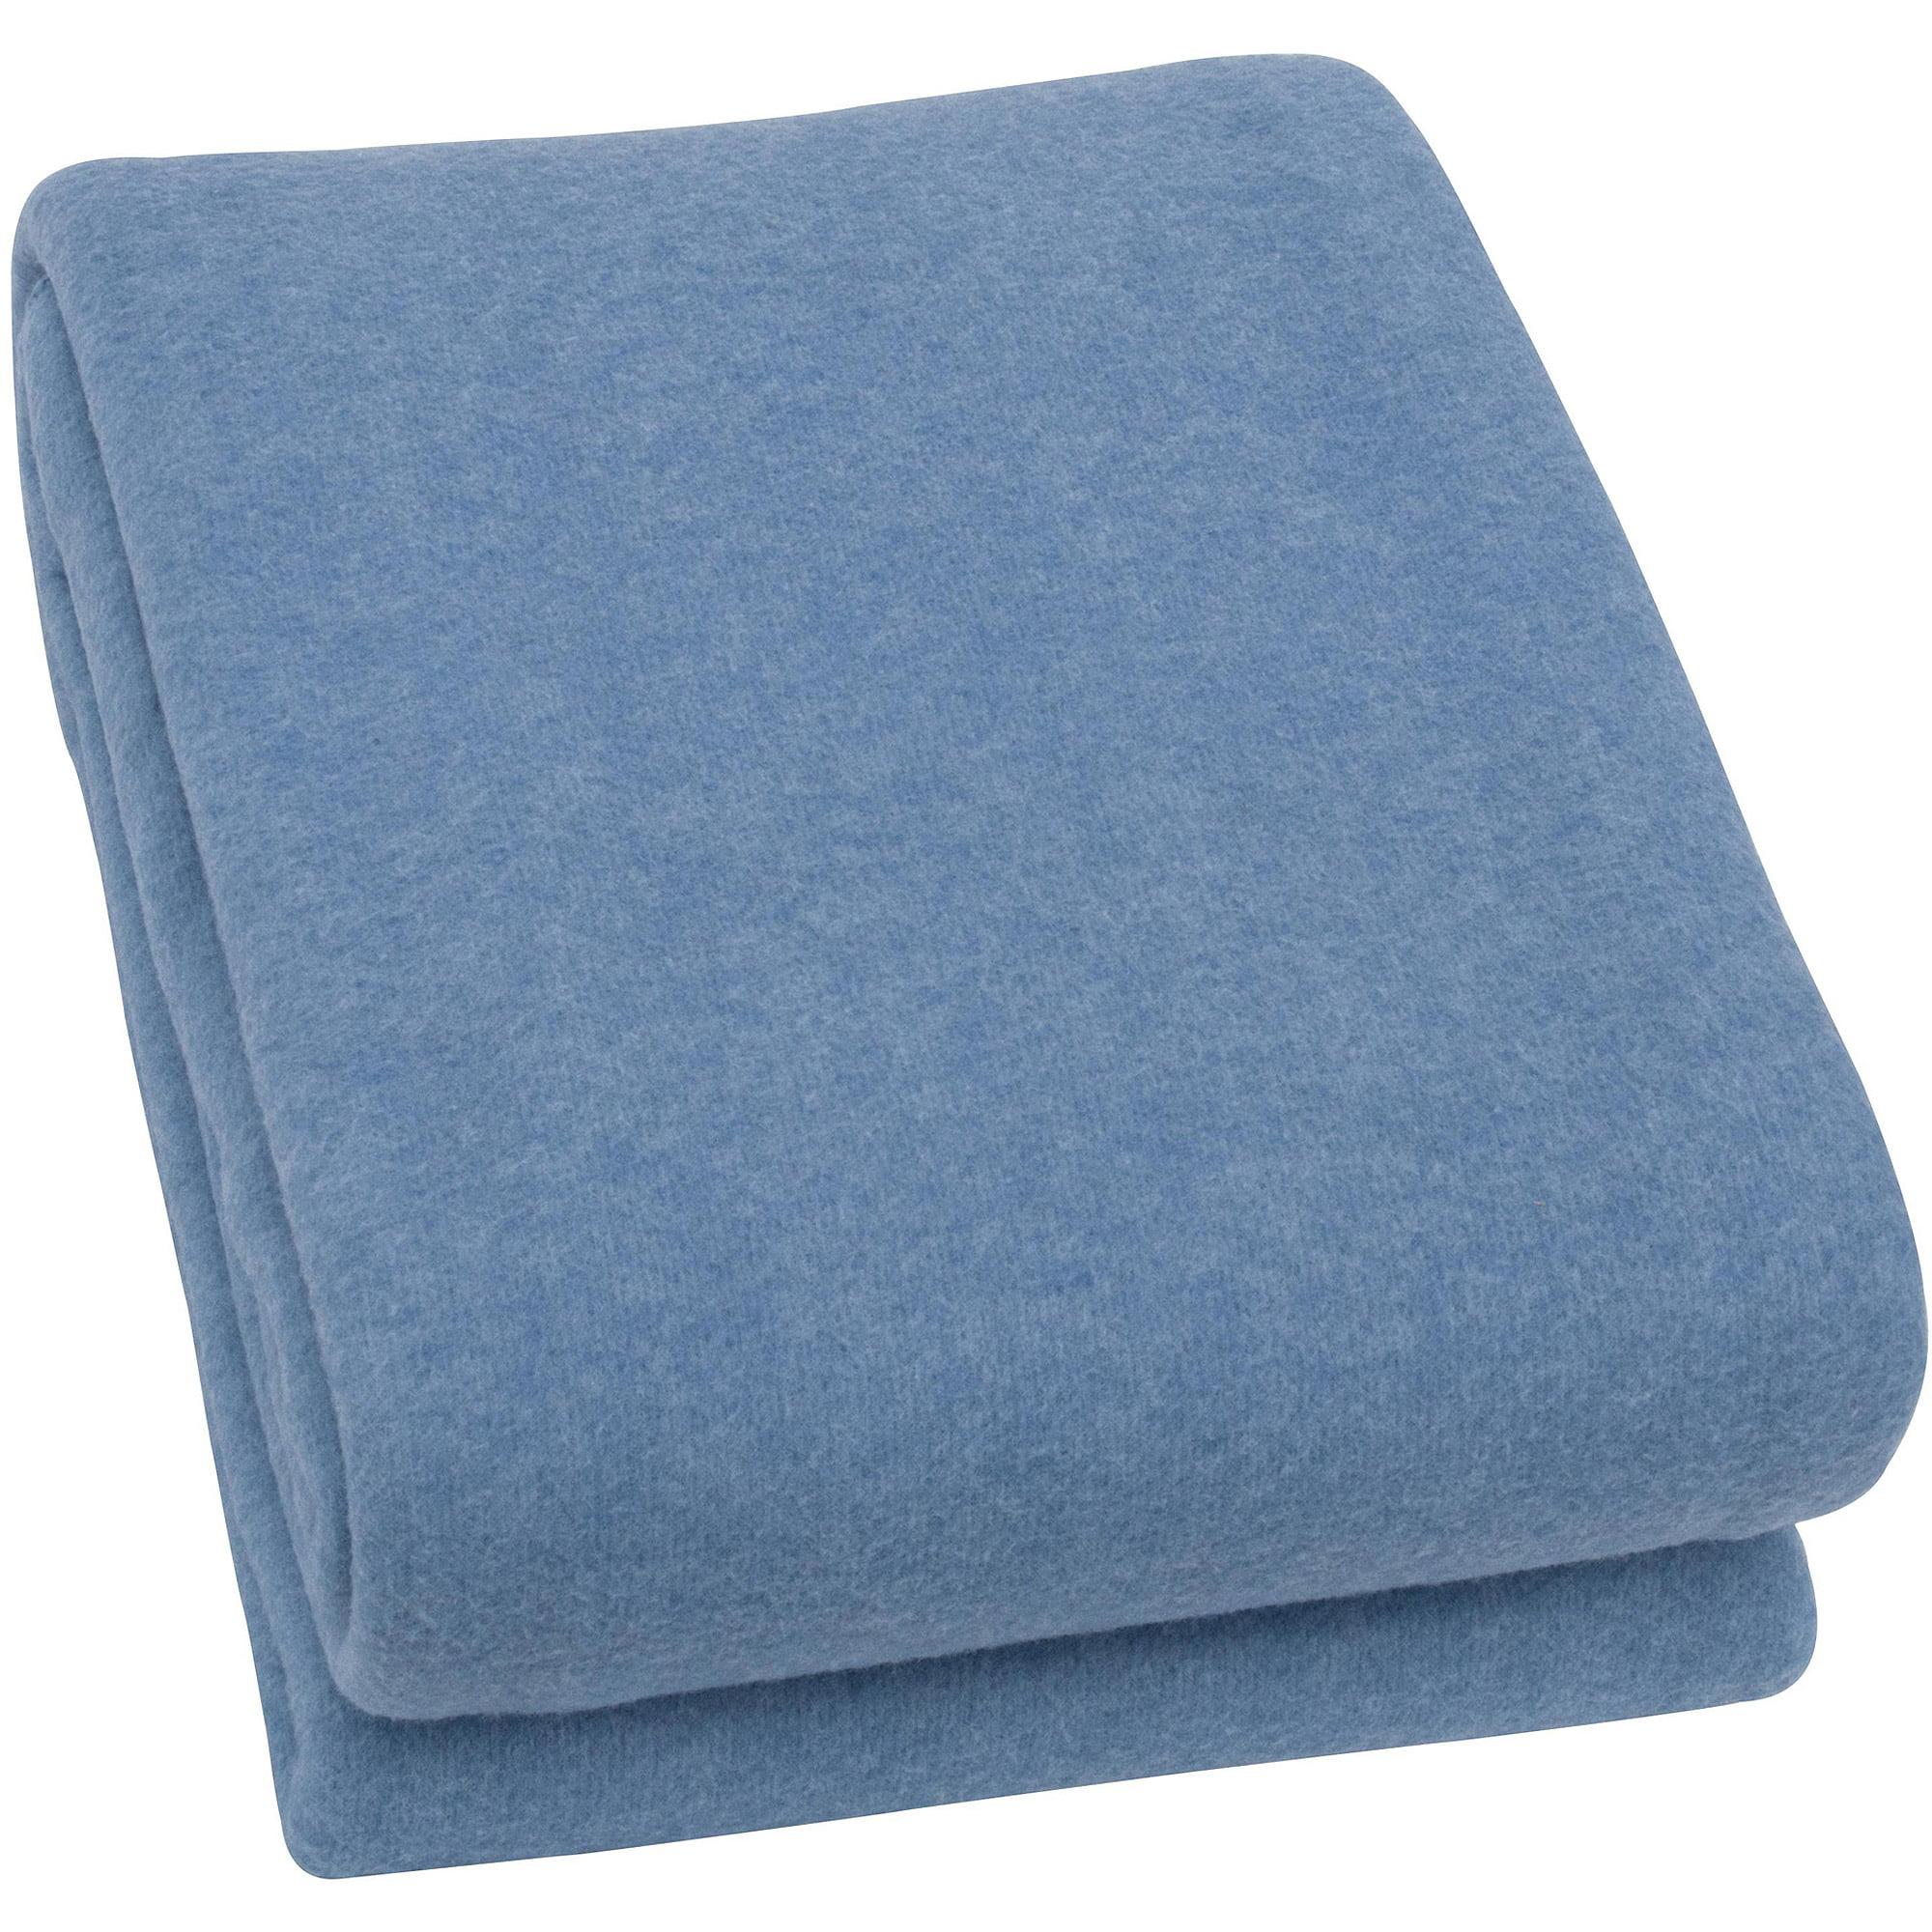 Mainstays OPP Blanket, Blue